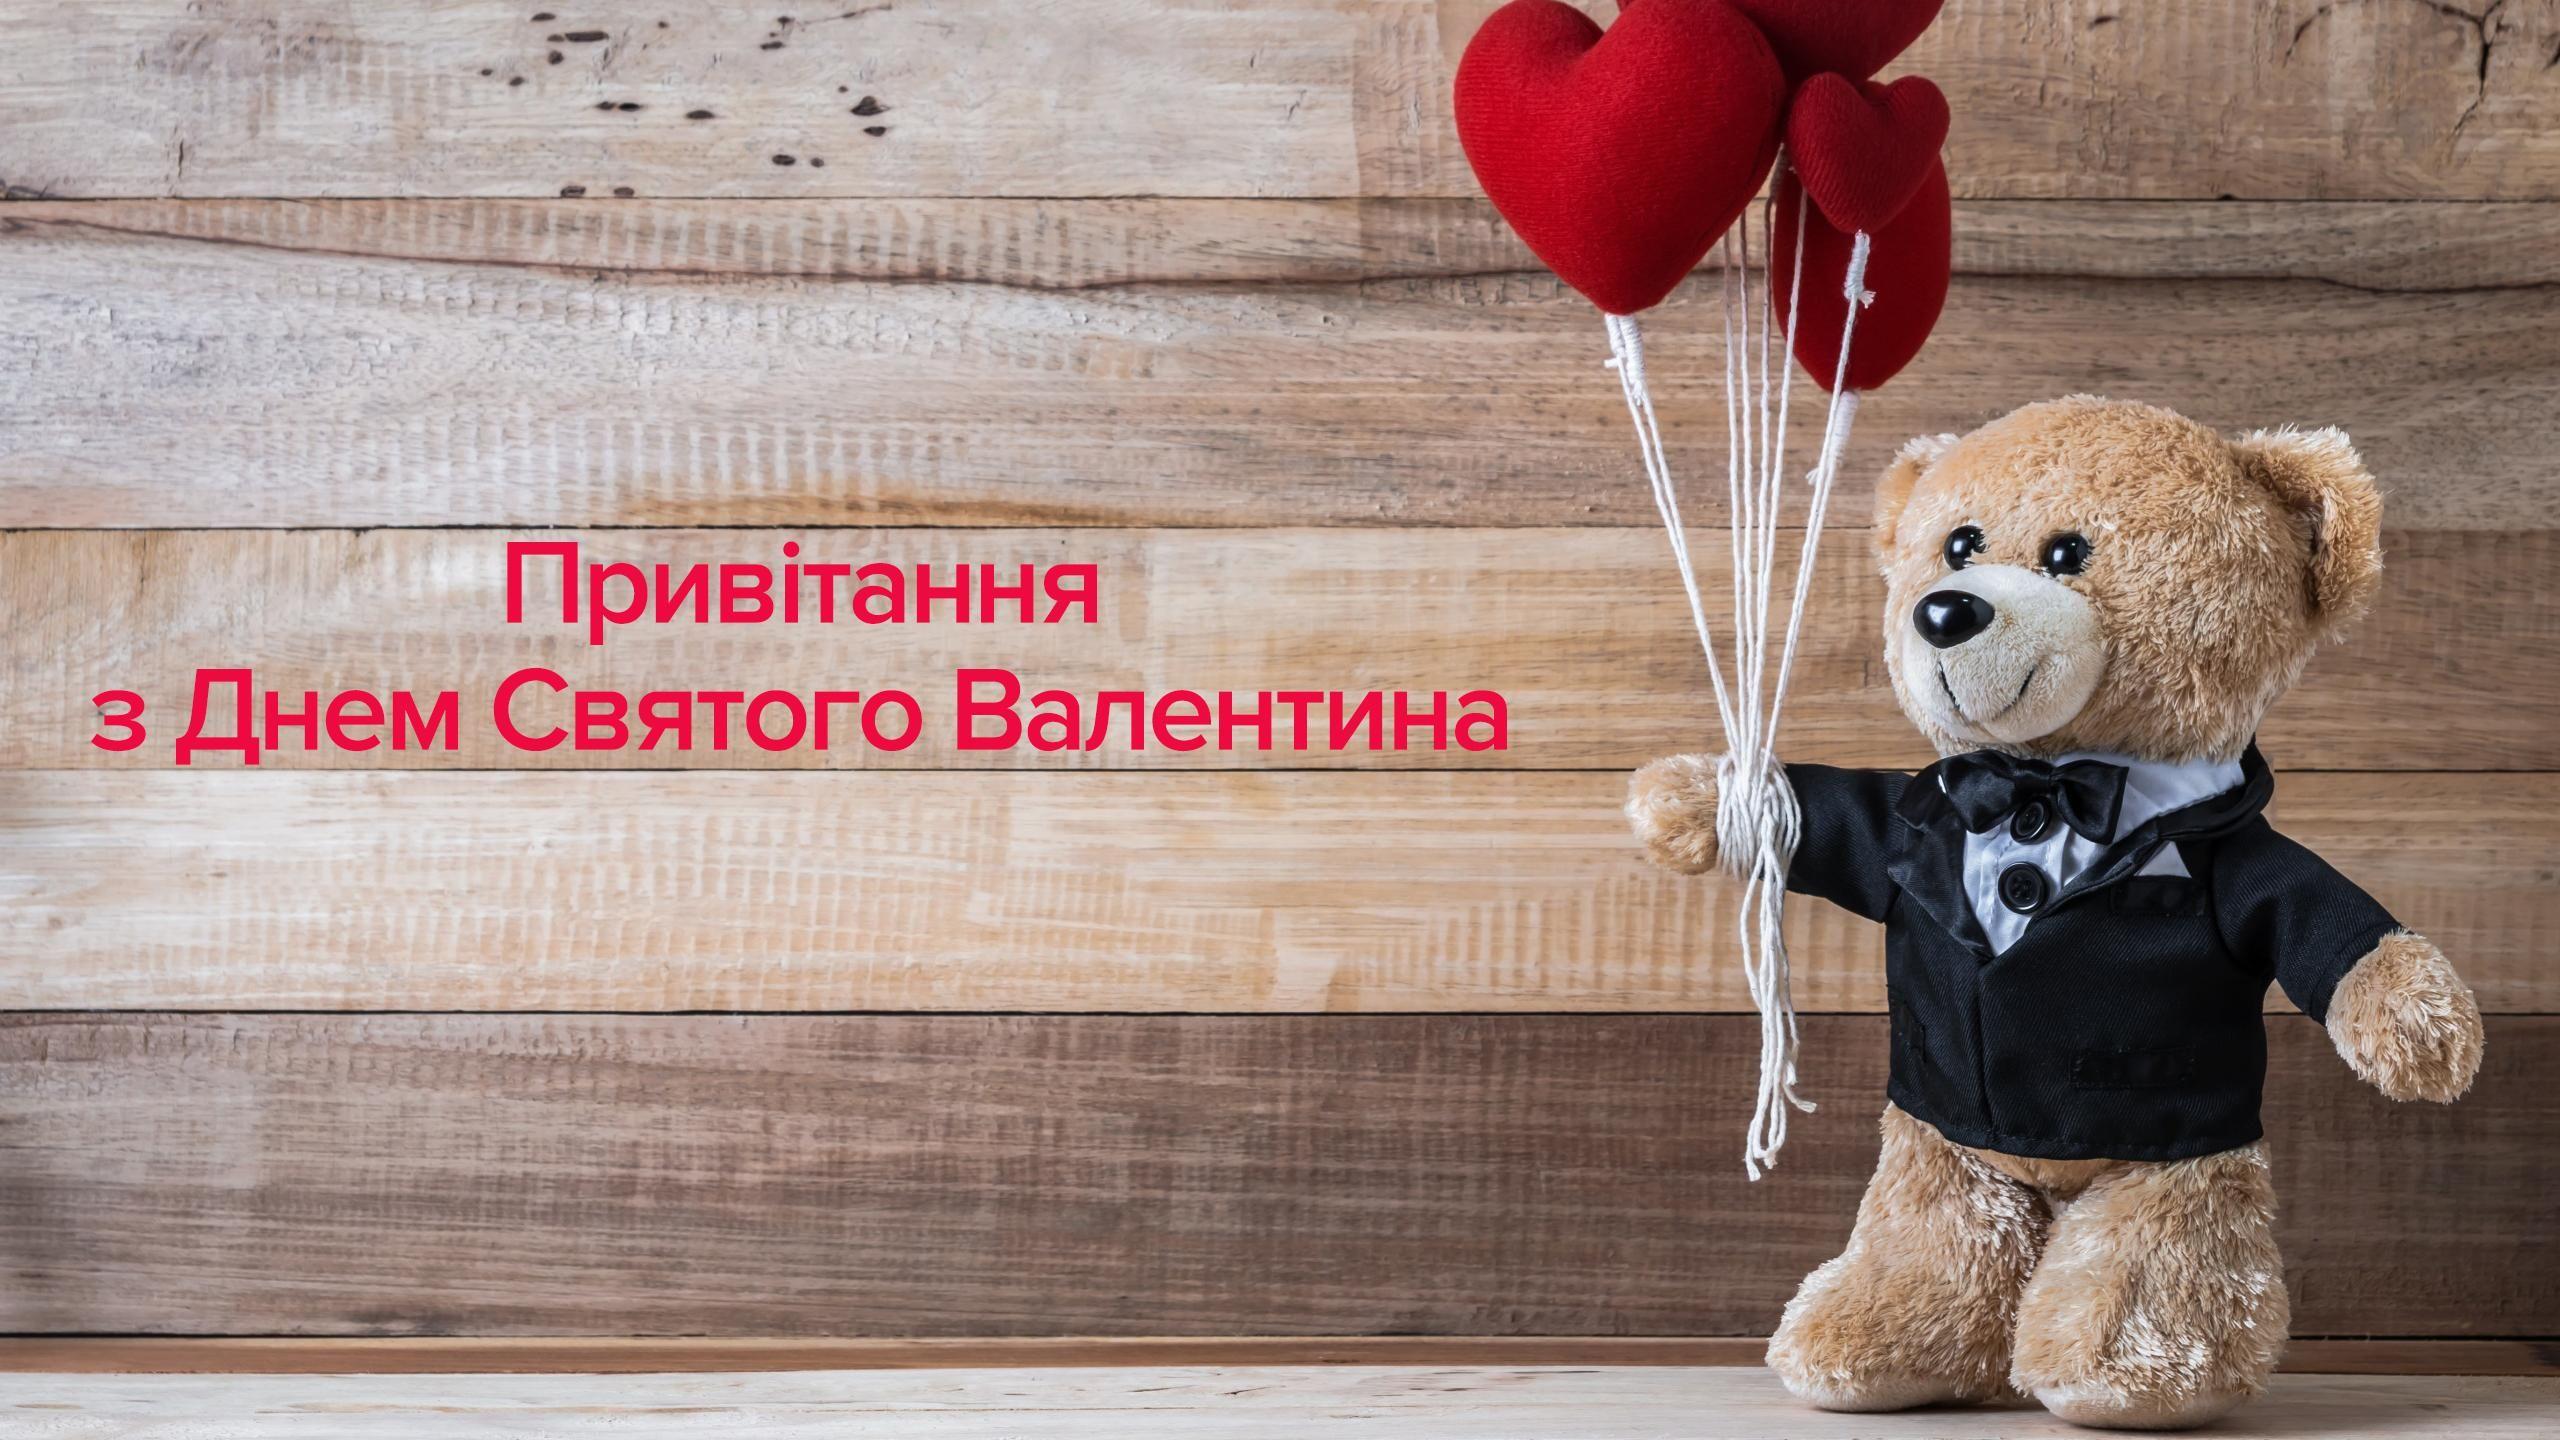 14 марта праздник Gallery: поздравления с 14 февраля 2019